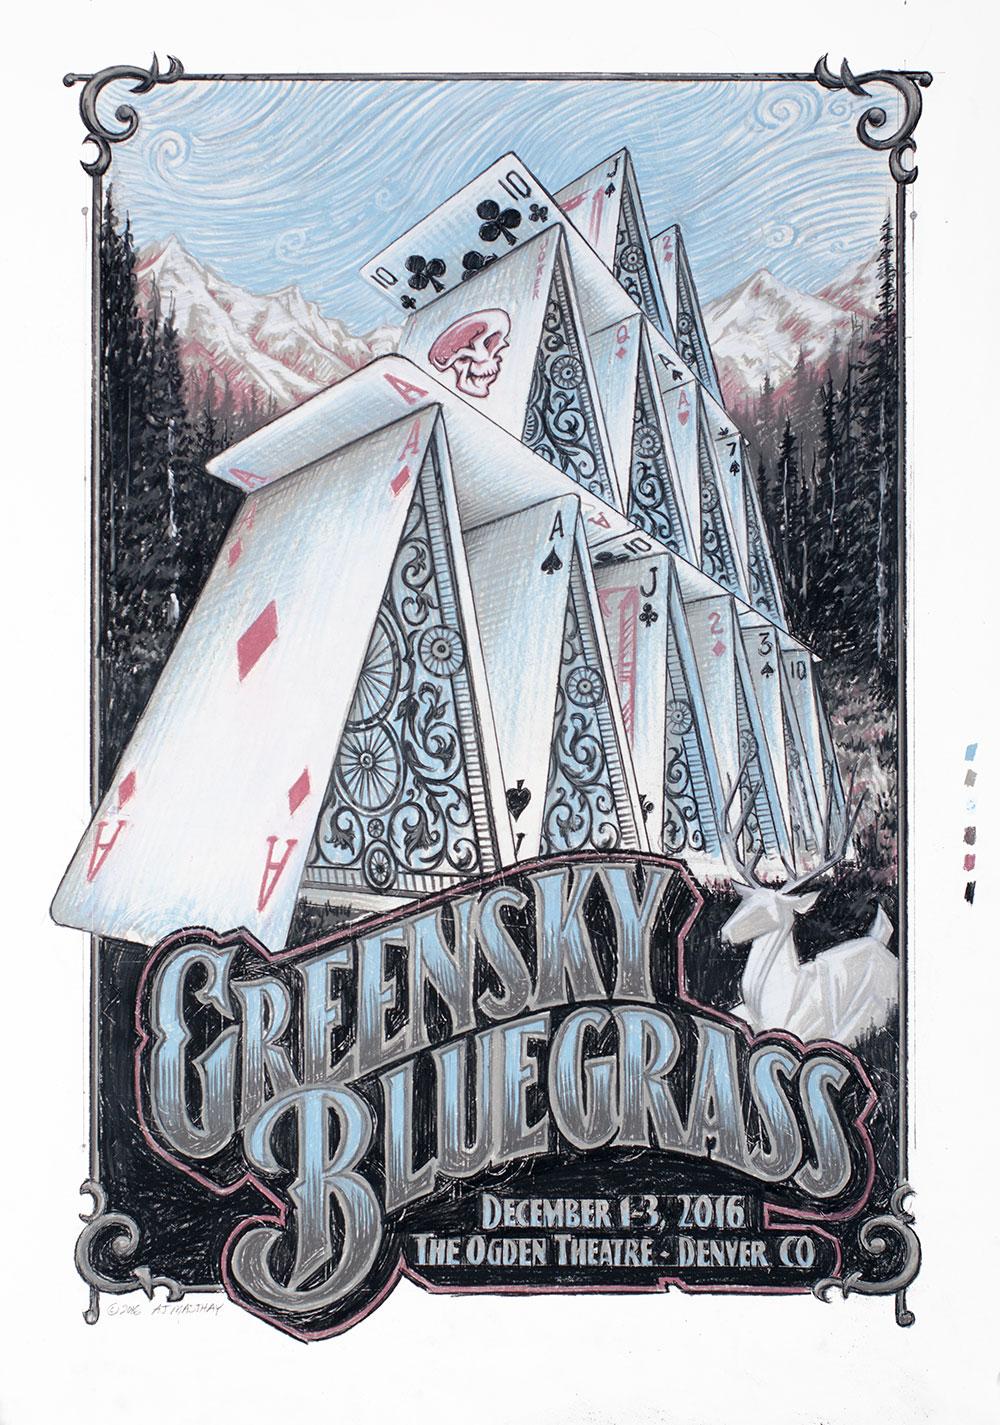 16GreenskyBluegrass.jpg